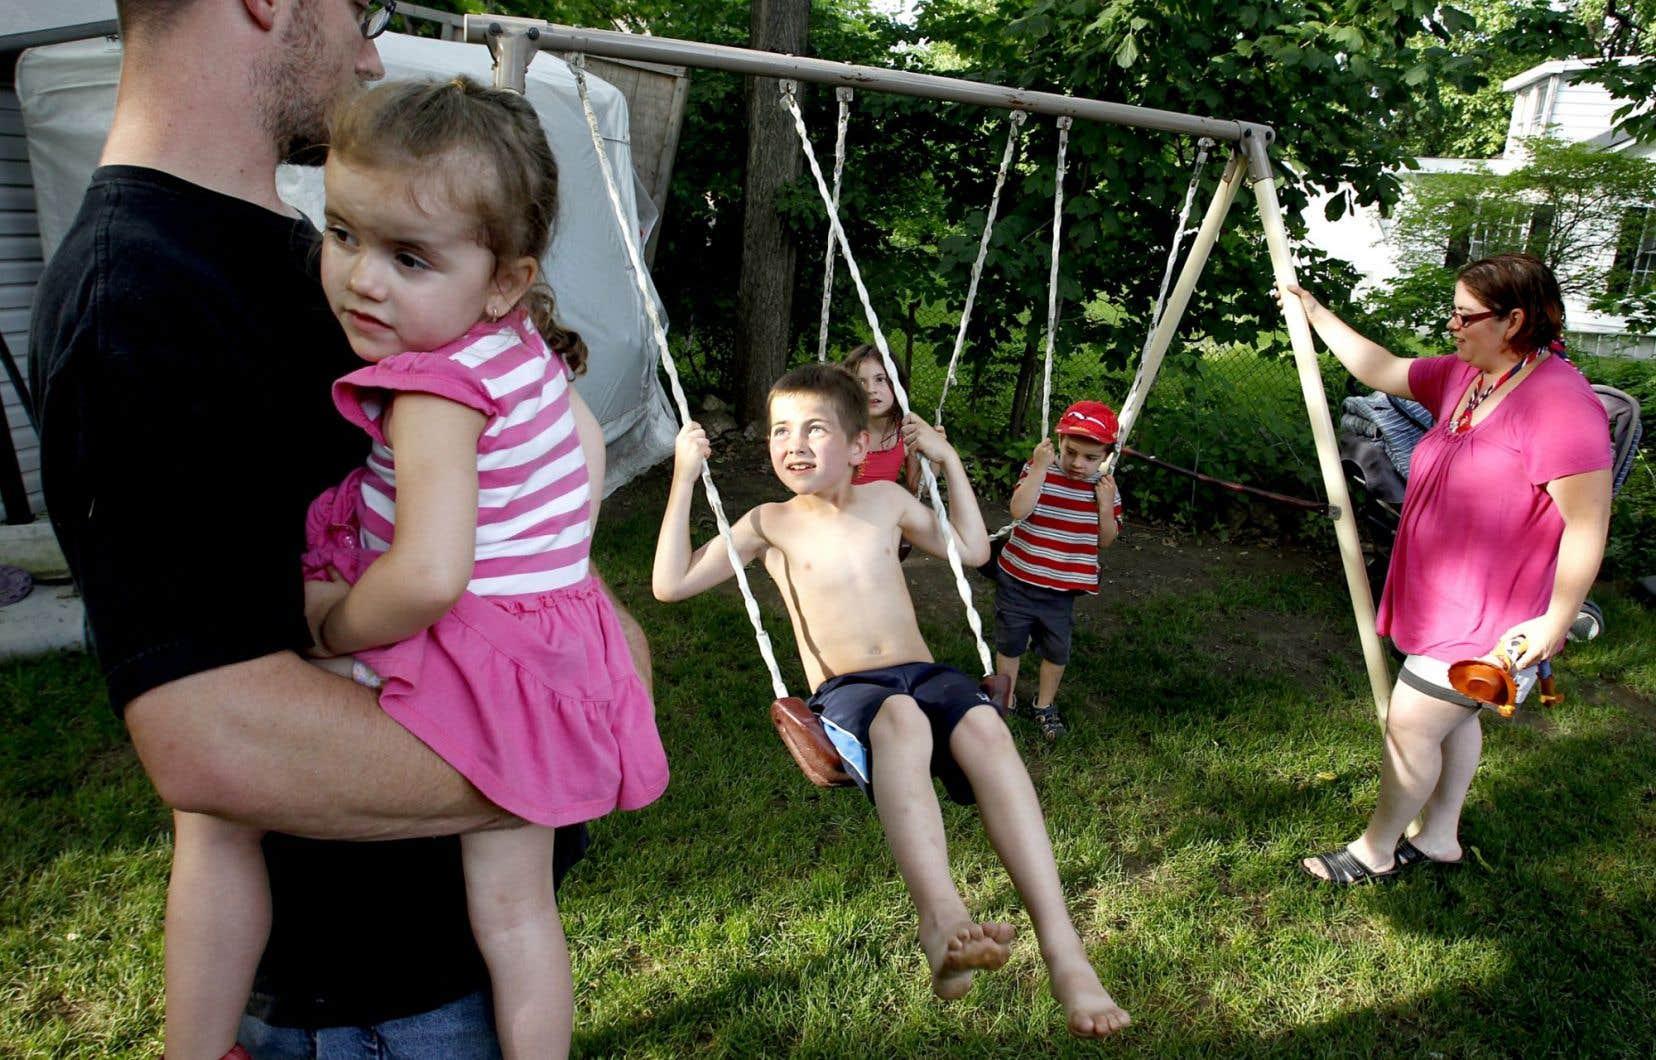 La FAFMRQ souligne que les questions entourant la garde des enfants et la fiscalité impliquent déjà des négociations complexes entre parents et elle déplore que Québec ait choisi de les compliquer encore davantage.